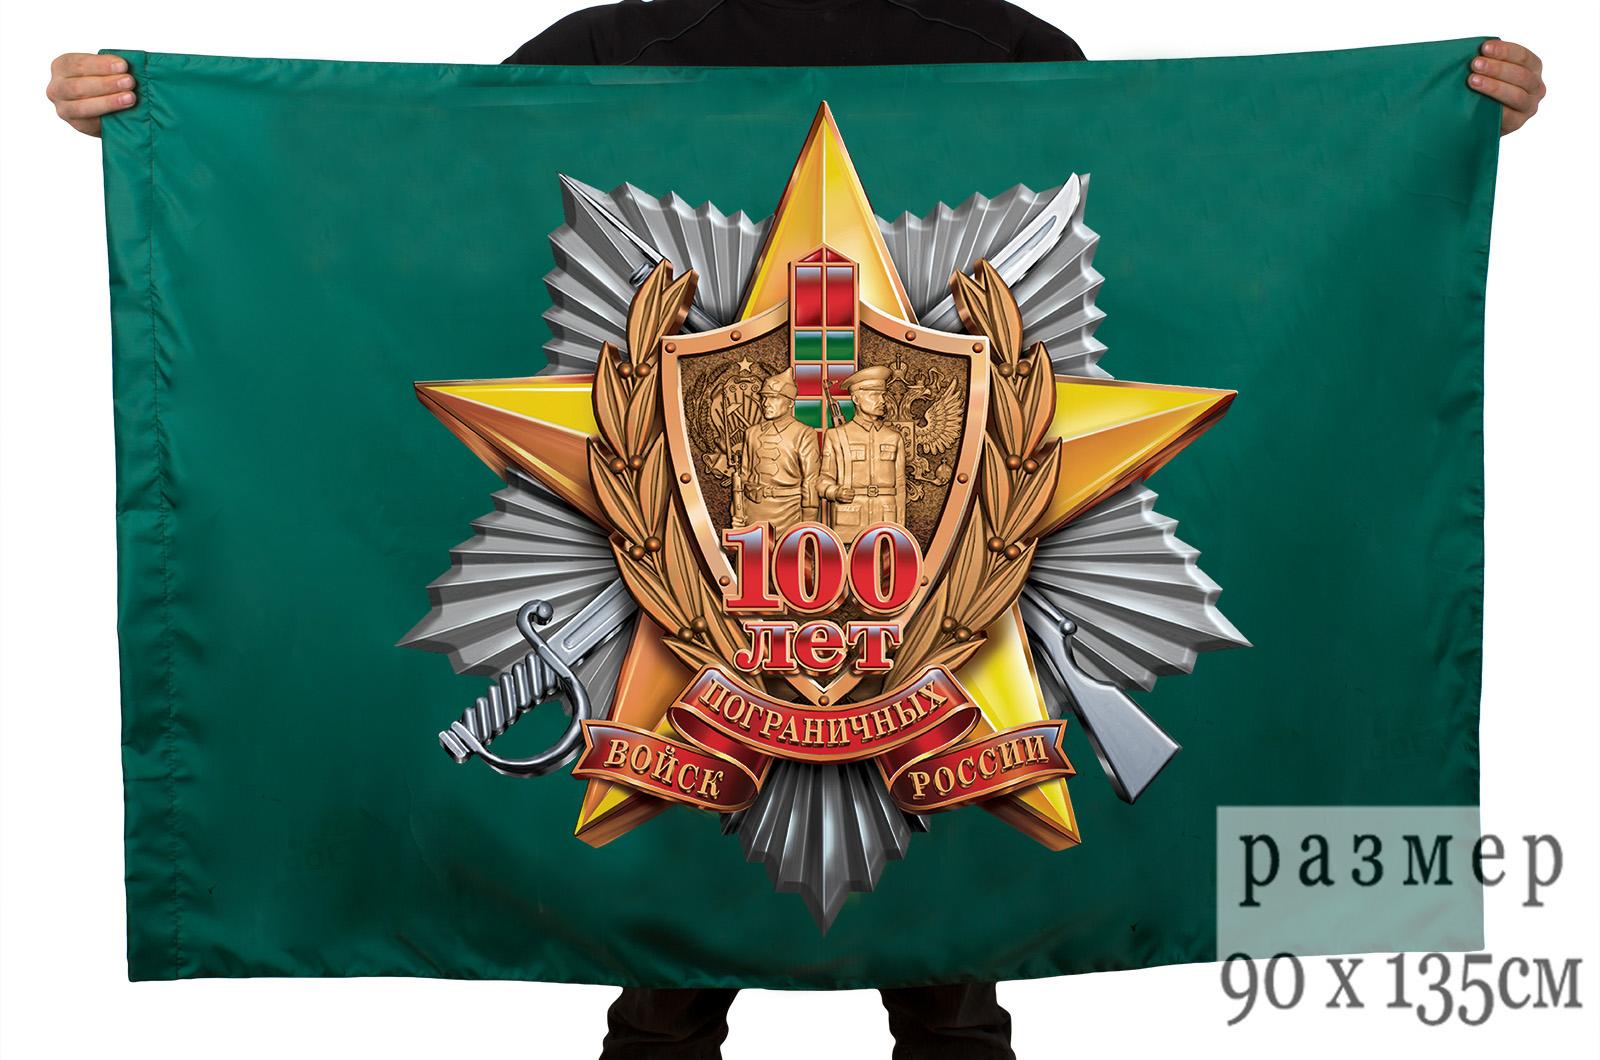 Пограничный флаг по специальной цене - наличие